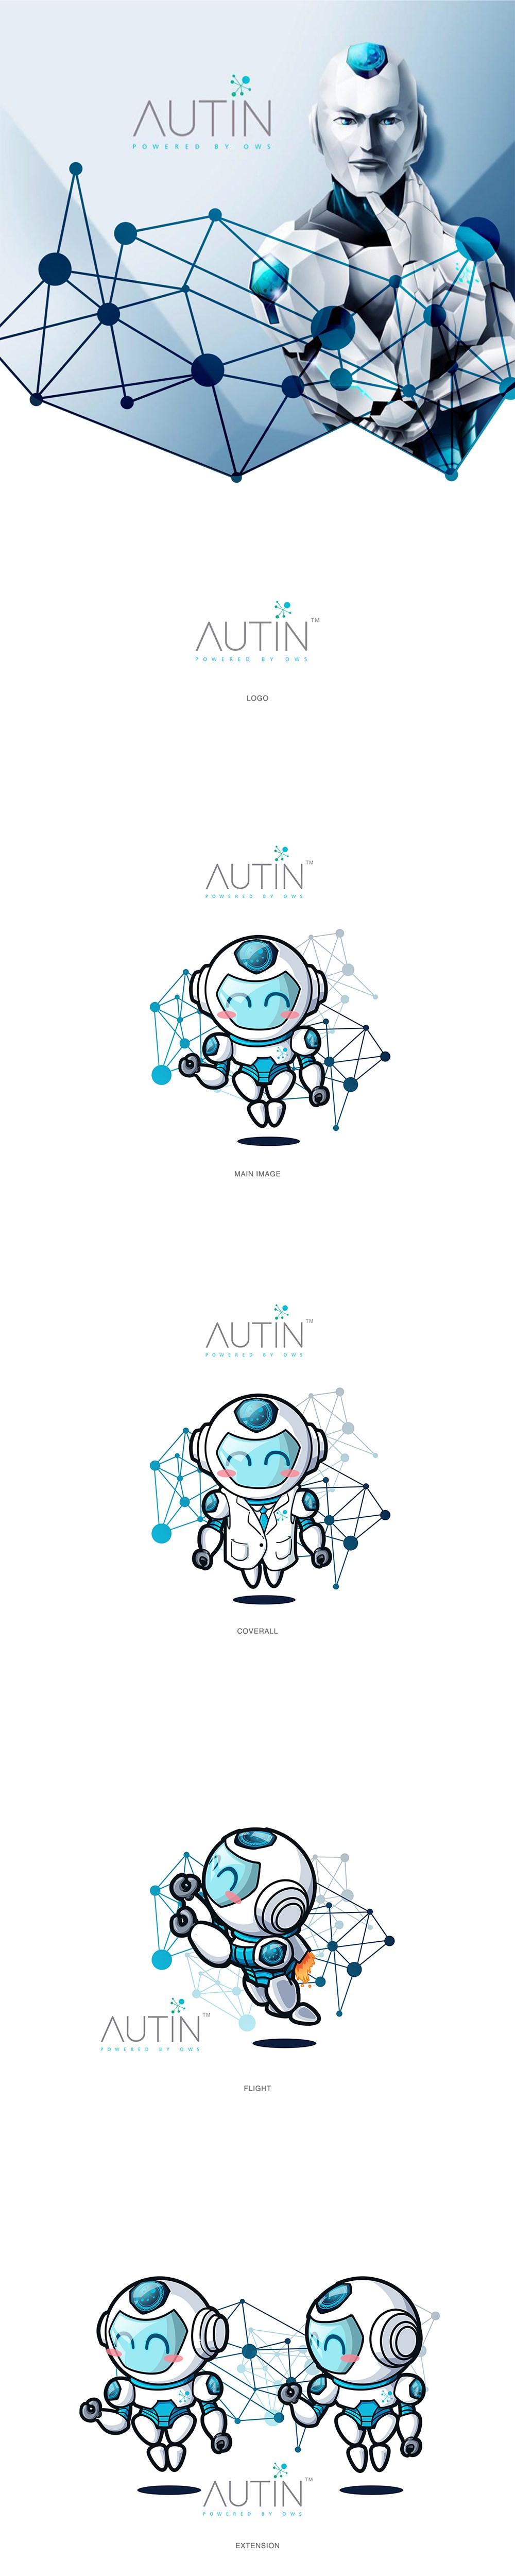 卡通IP形象-机器人表情包